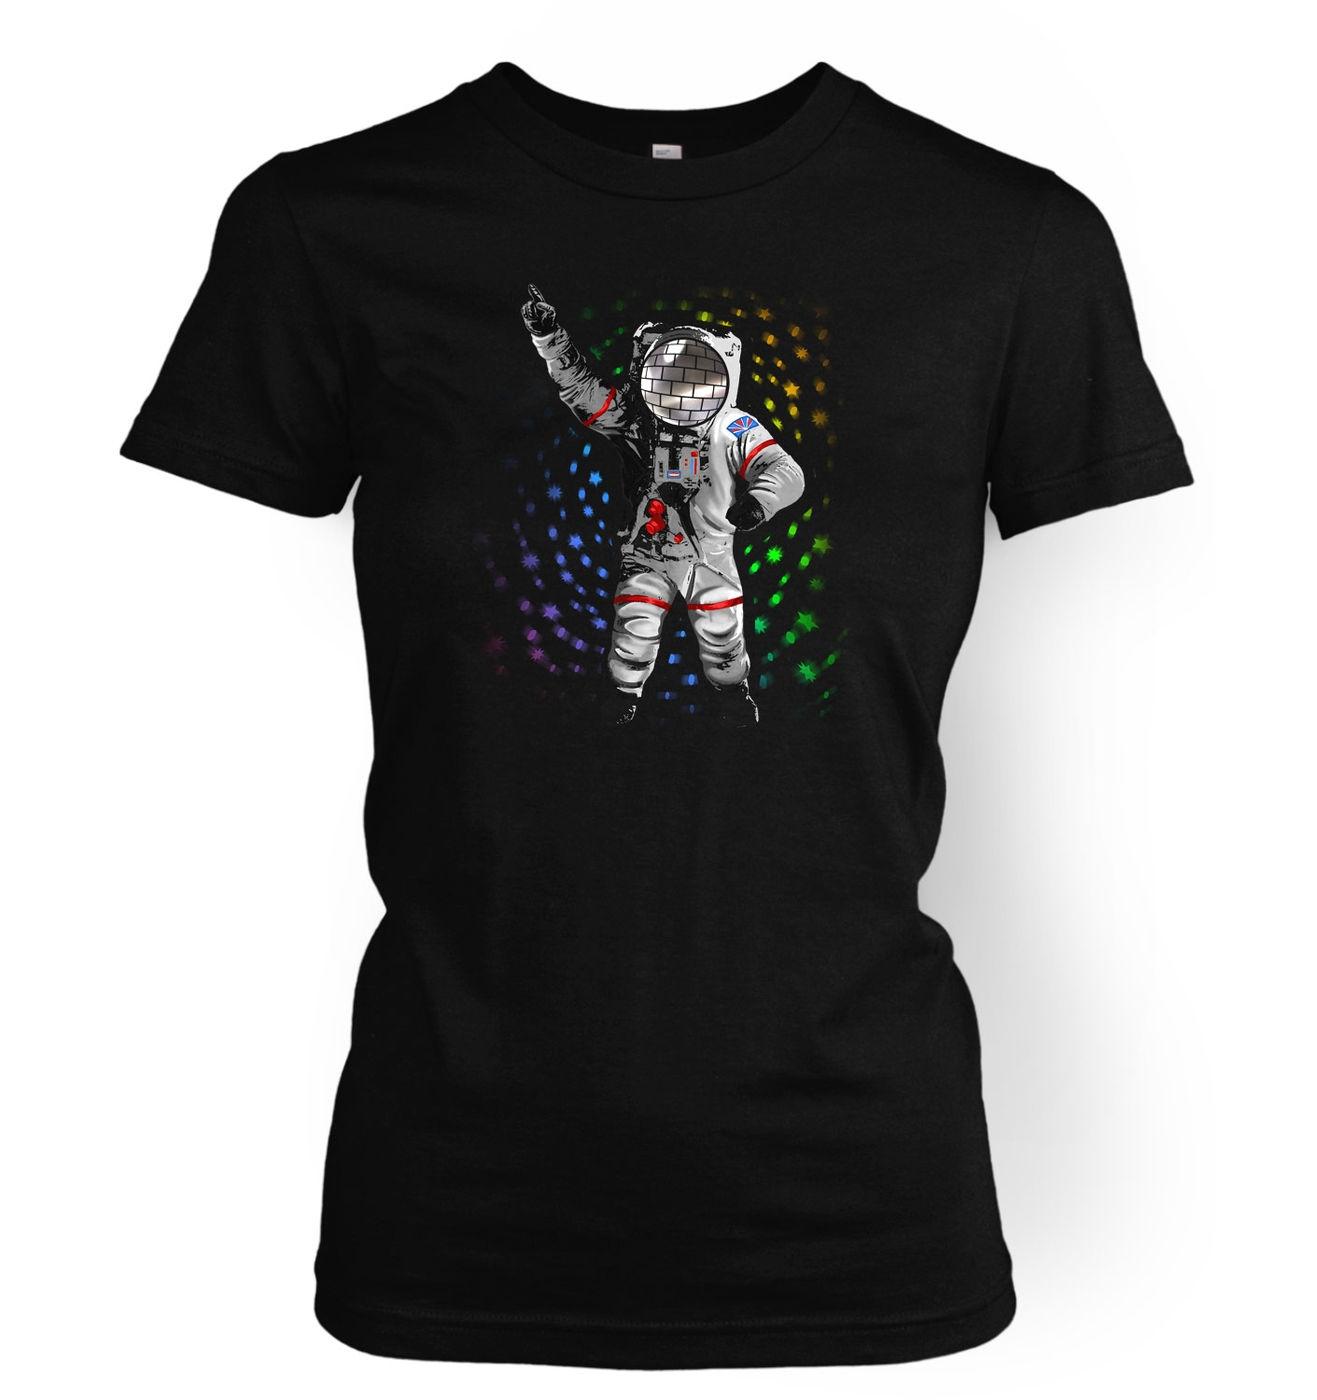 Disconaut dancing astronaut womens t shirt